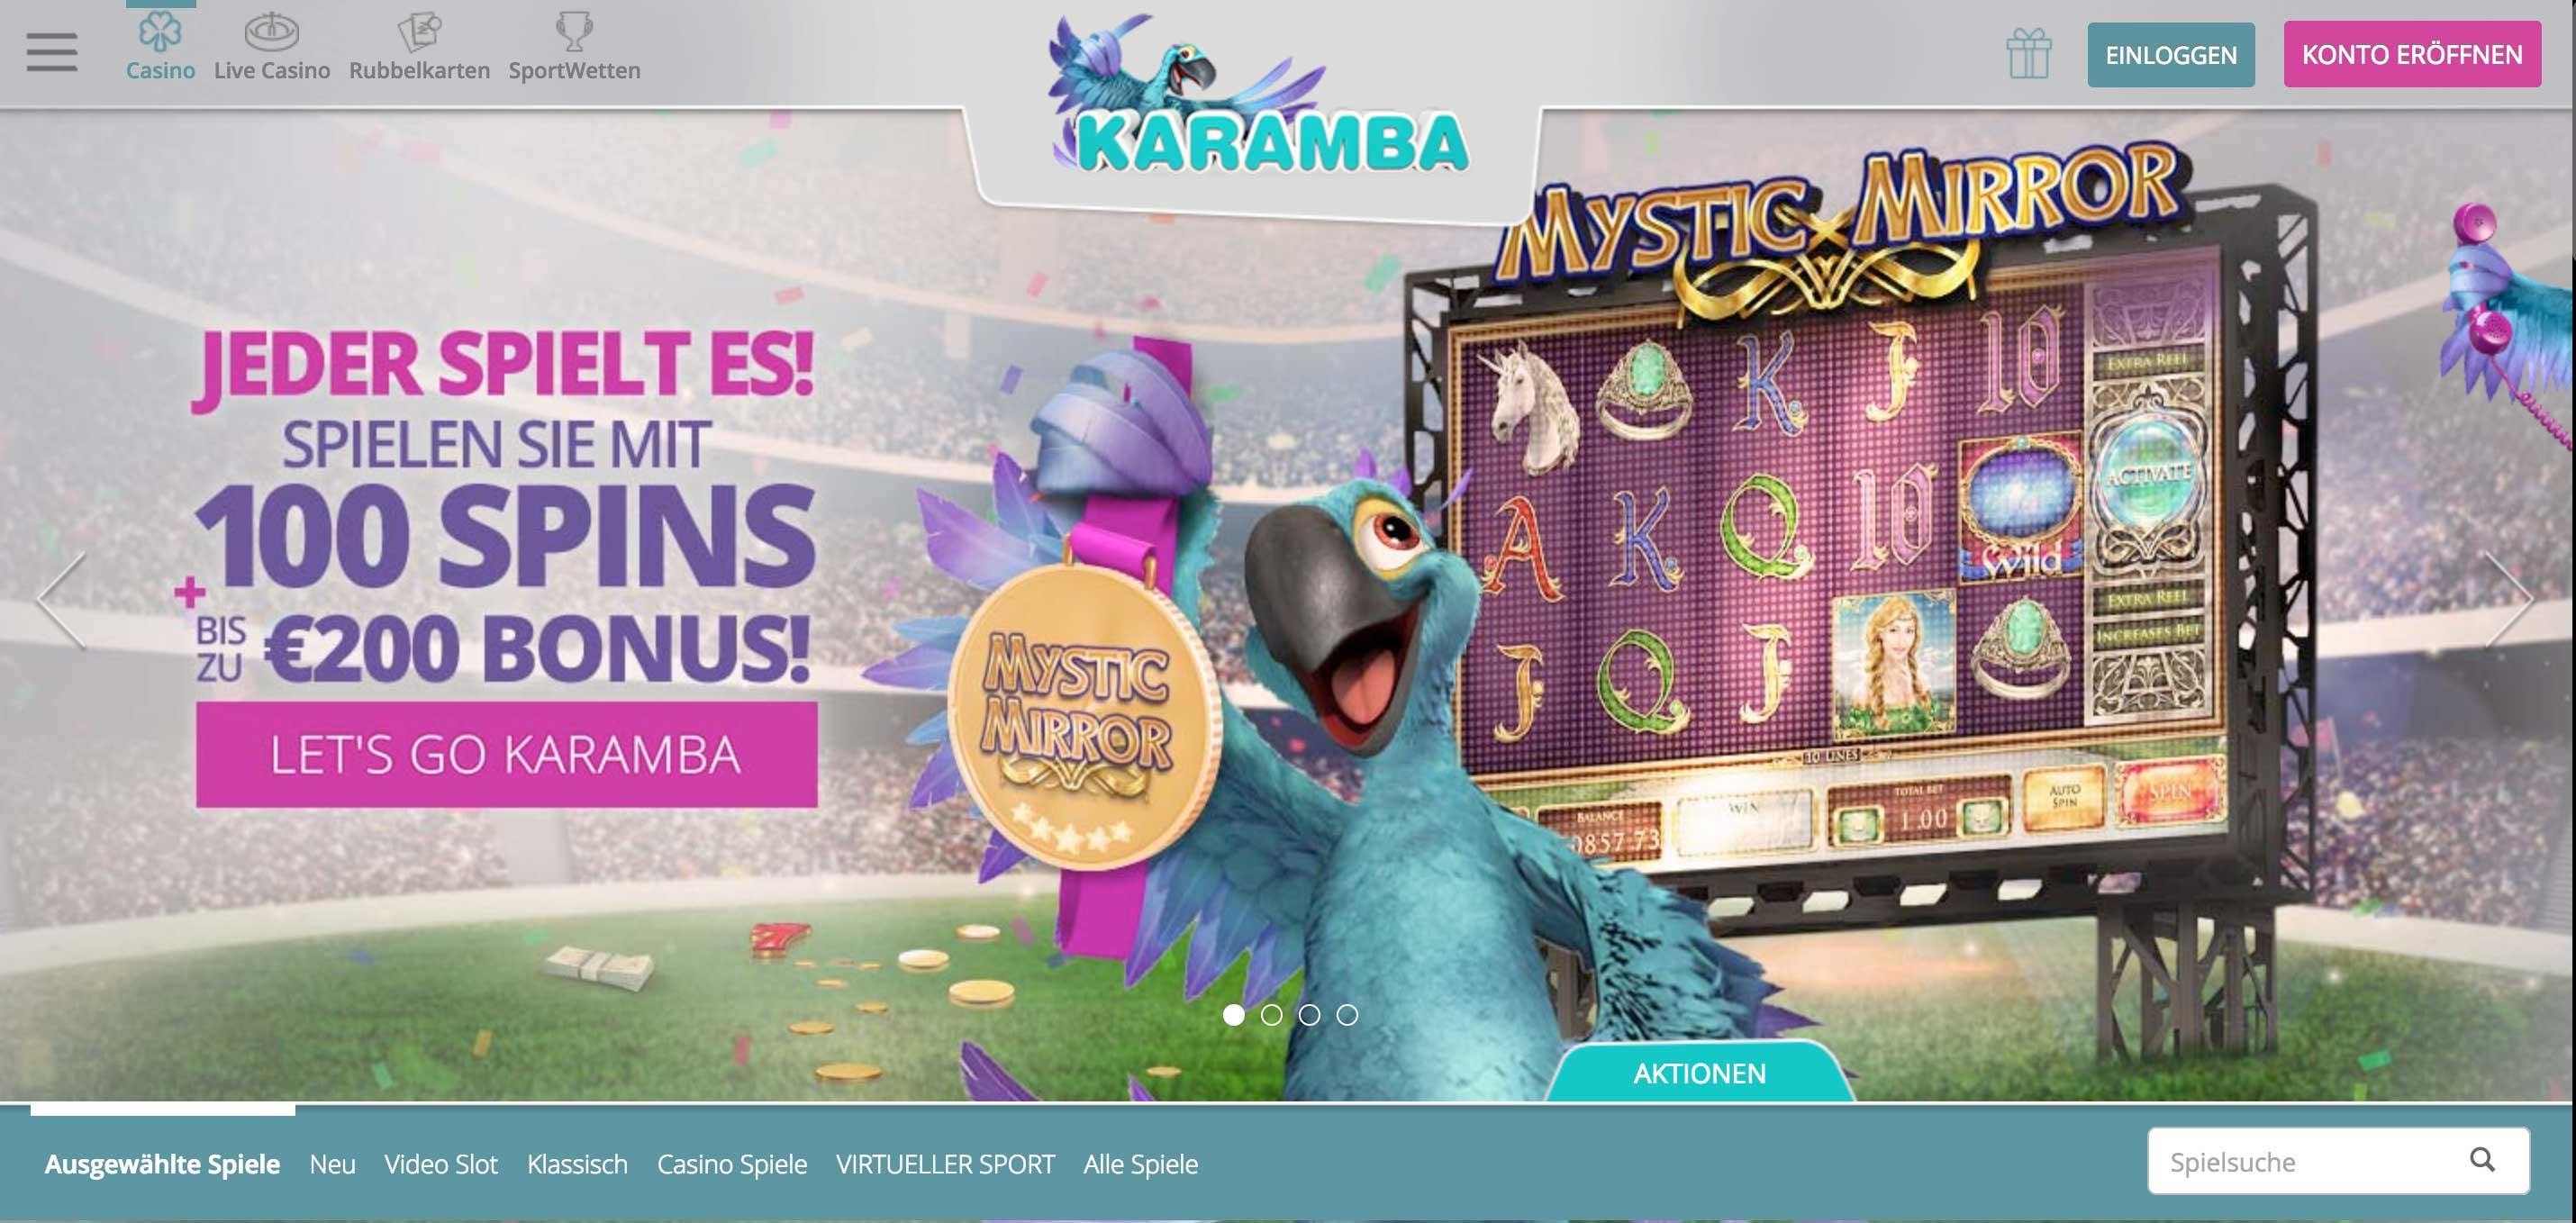 Karamba Online Casino - Kostenlos Jewel Spielen